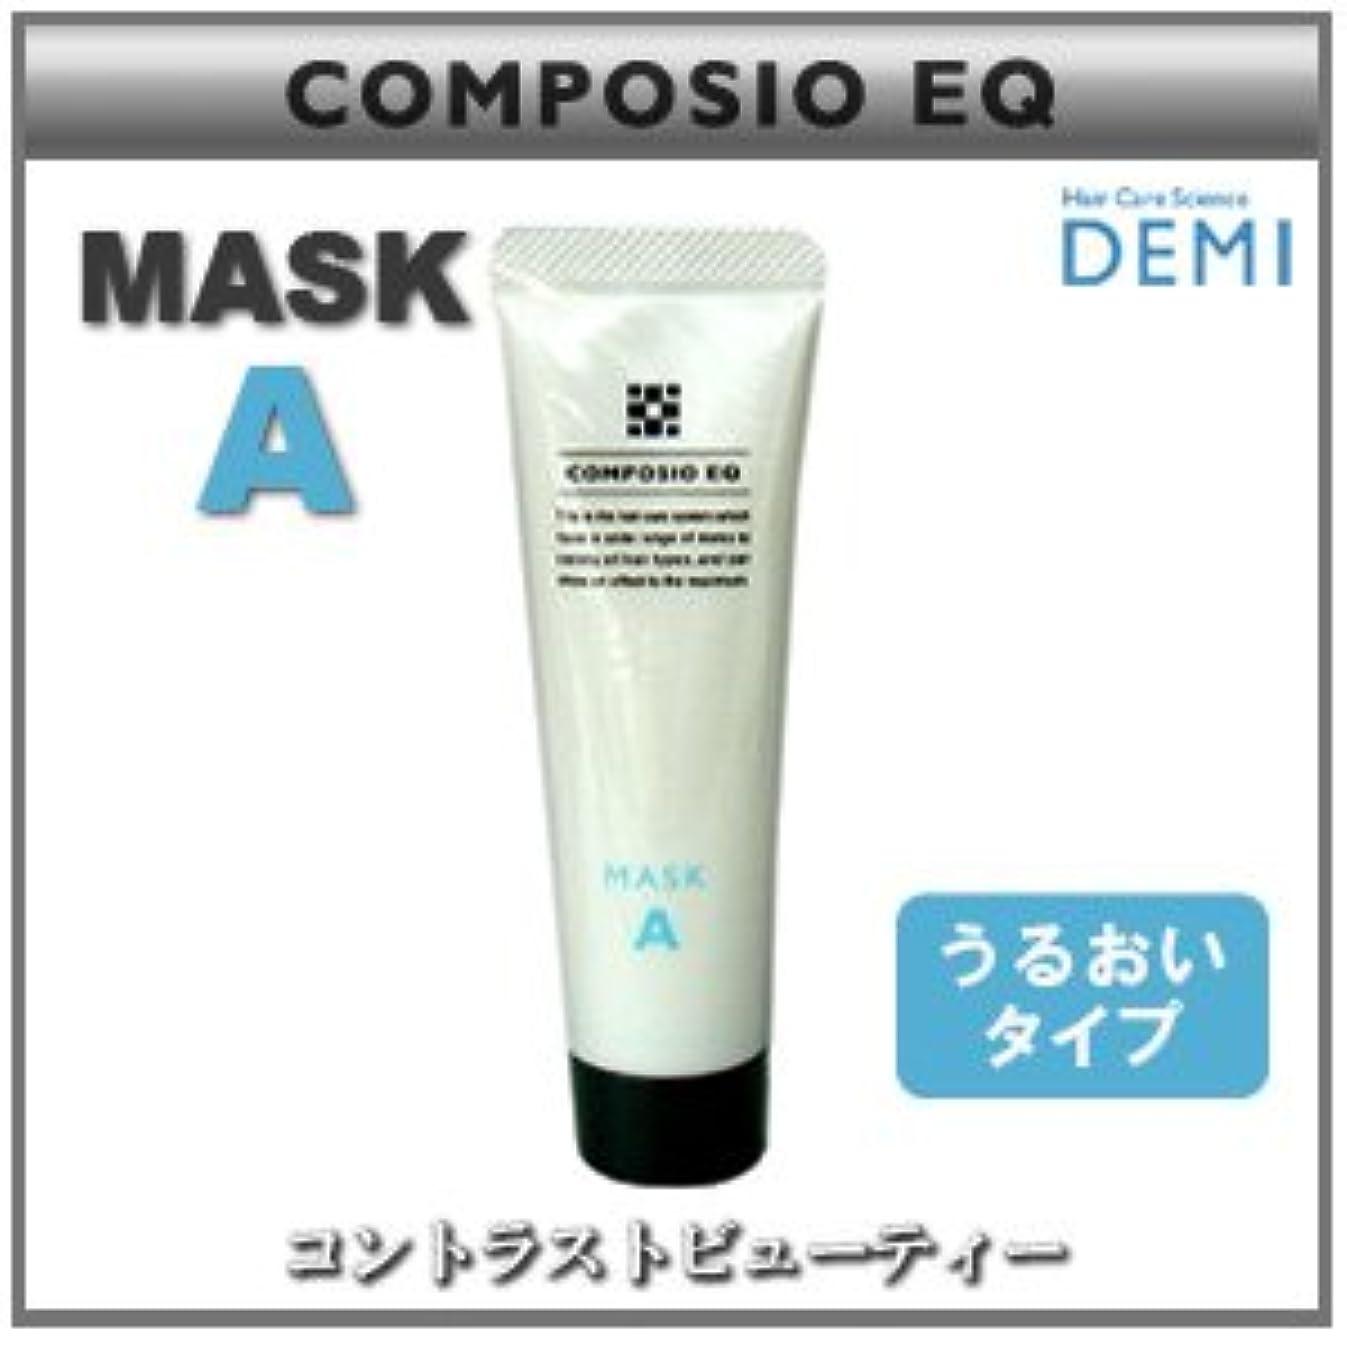 手がかり原始的なつらい【X5個セット】 デミ コンポジオ EQ マスク A 50g